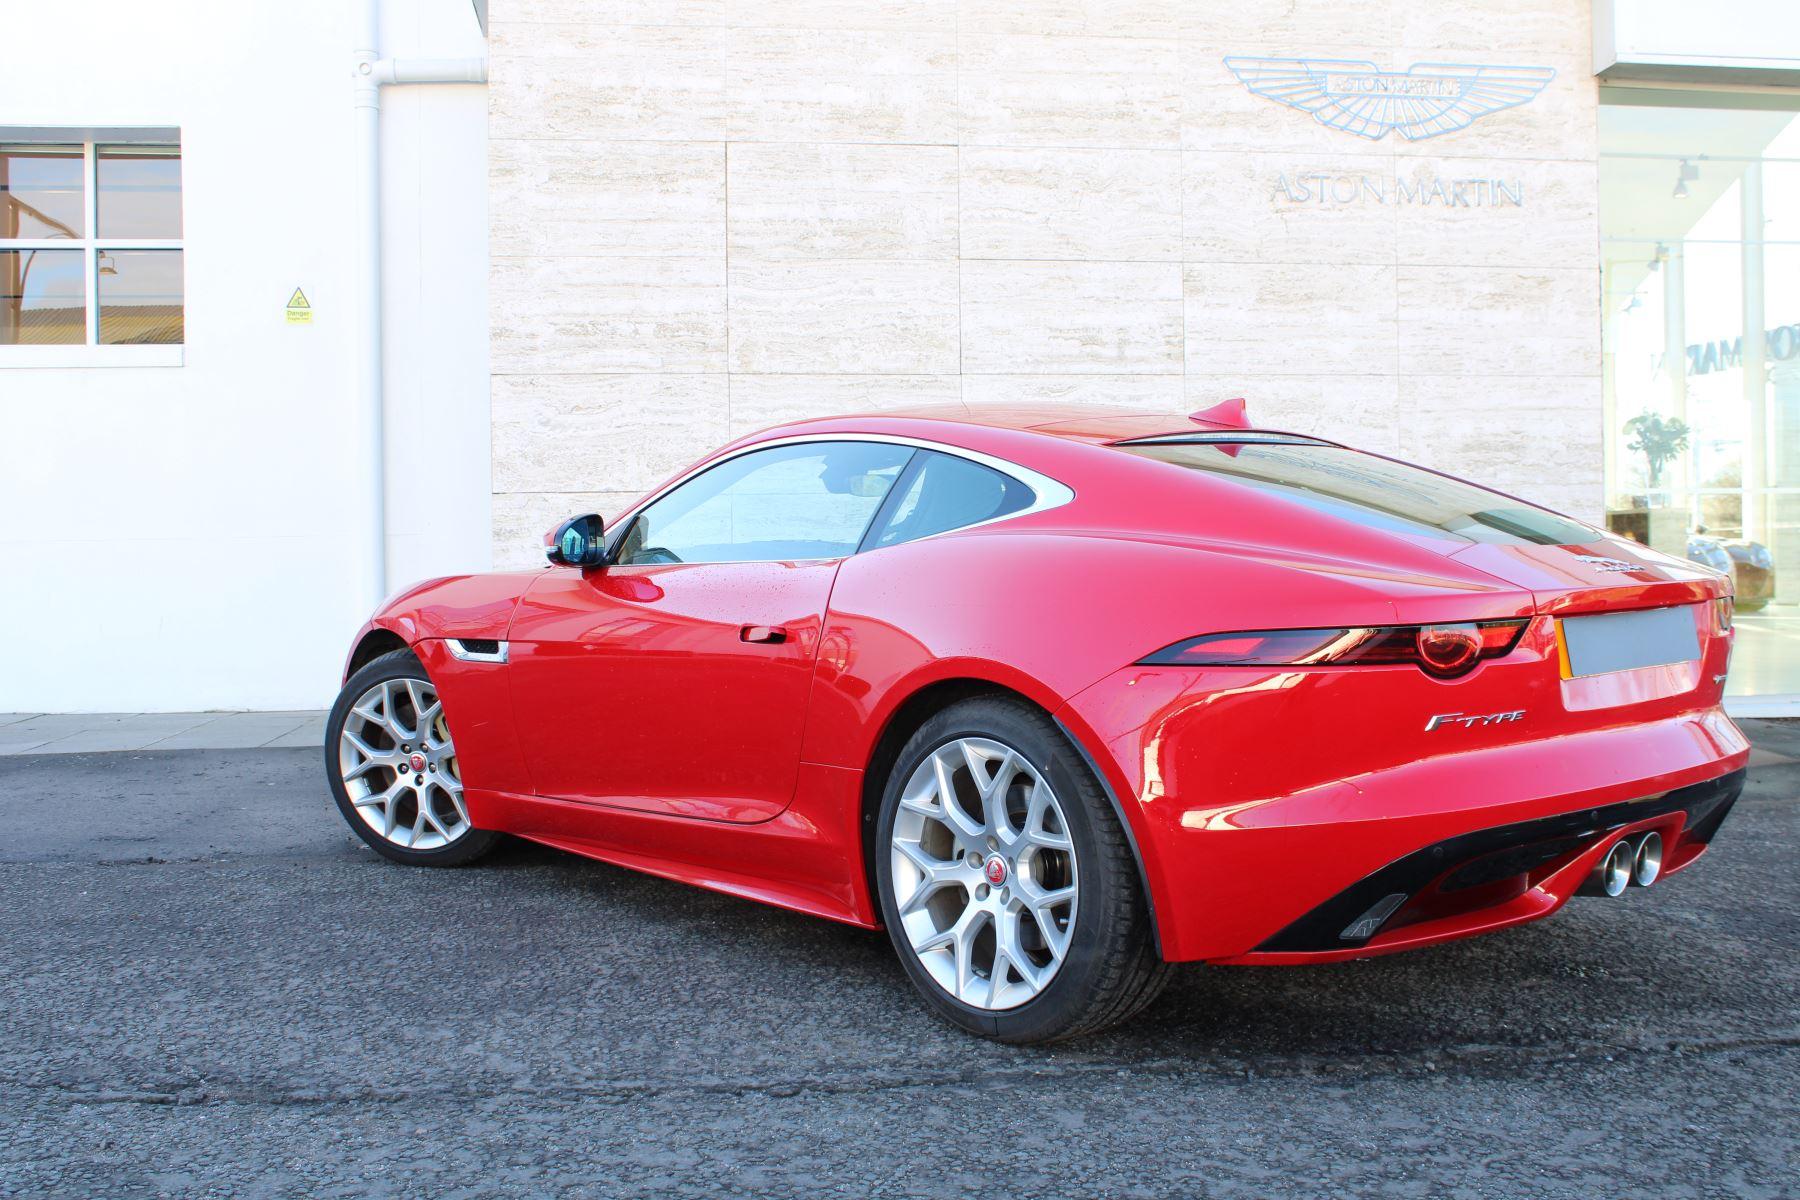 Jaguar F-TYPE 3.0 Supercharged V6 R-Dynamic 2dr image 17